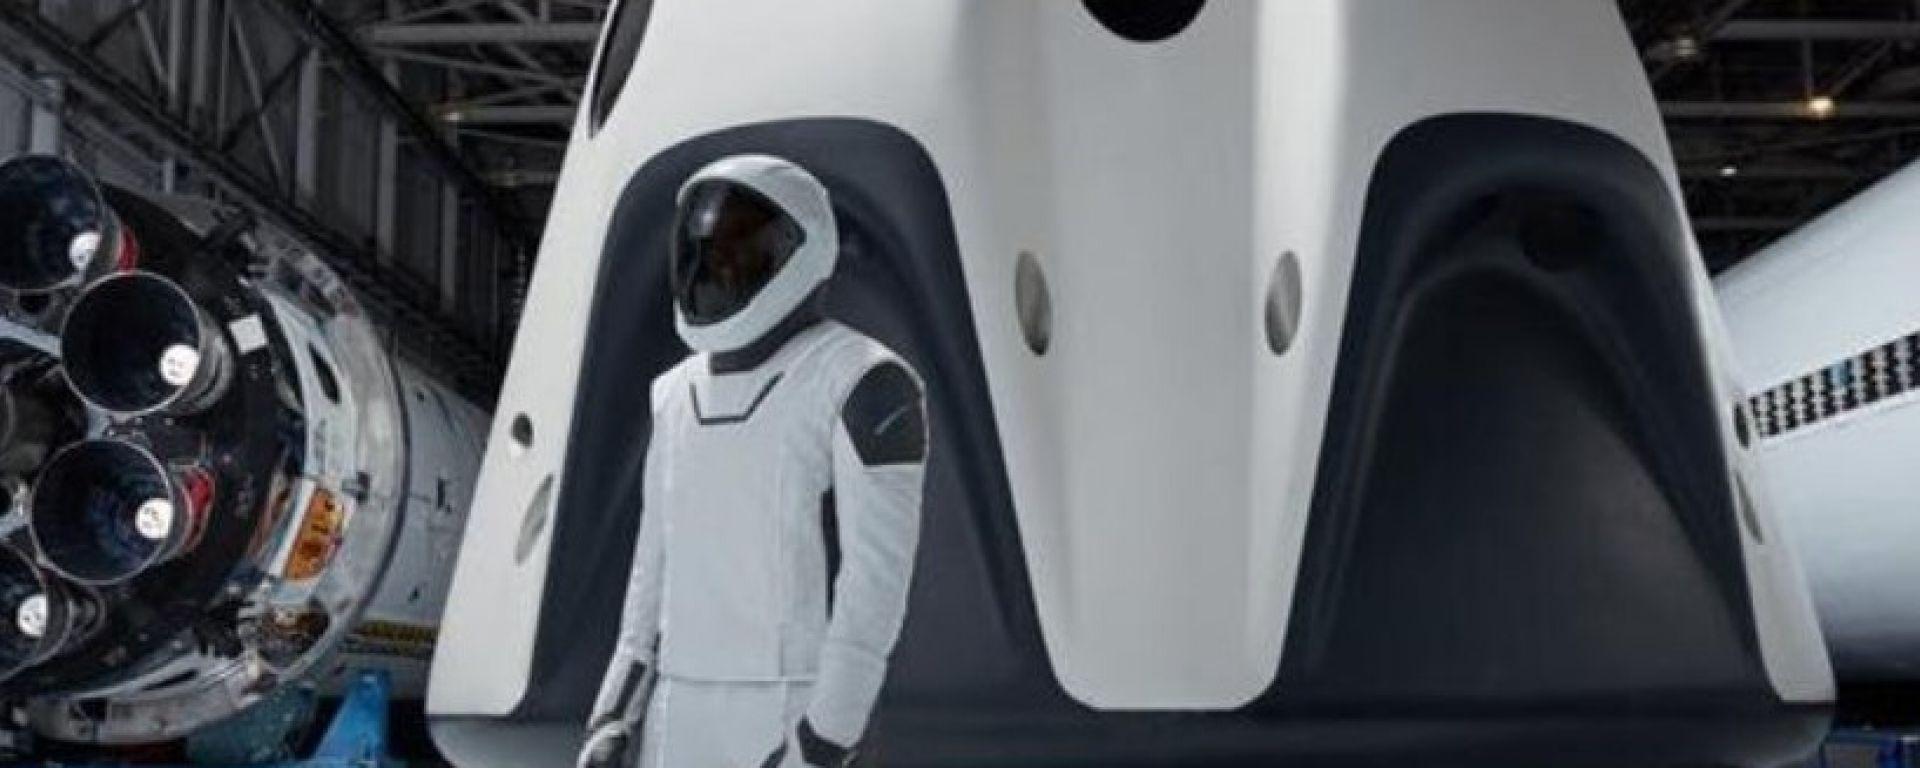 Turismo spaziale: la sfida tra Branson, Bezos e Musk